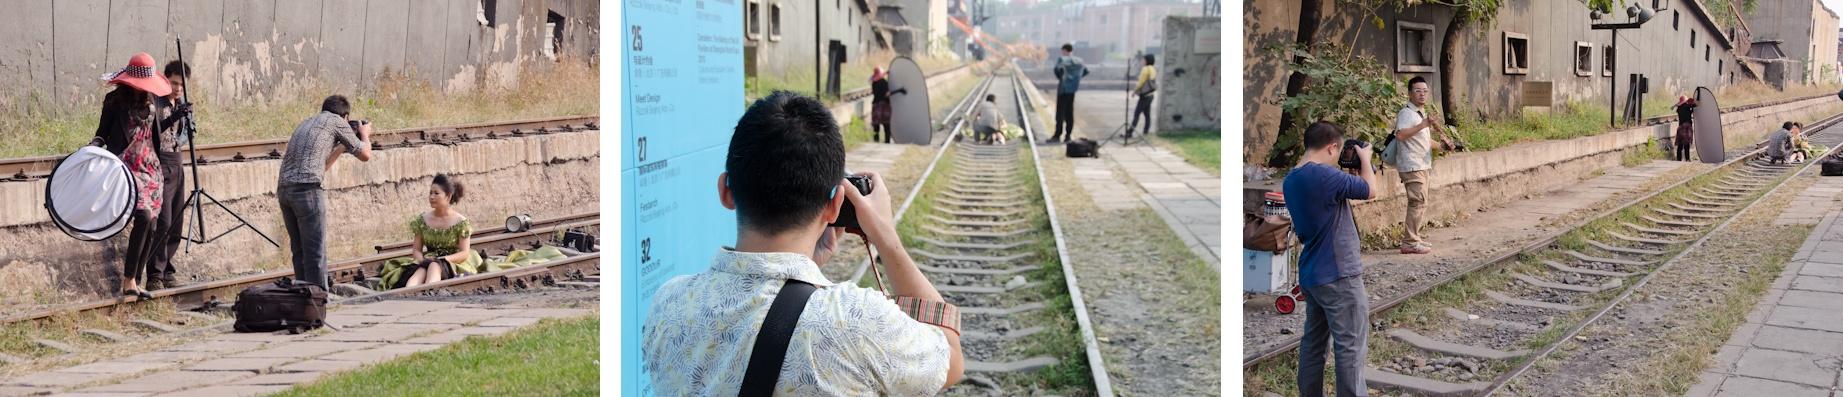 <b>2011年の秋。シカーノが仕事とライフワークを兼ねて北京で撮影をするというので、ちょうど中国づいていたボクもついでに全額自腹で5日間の密着同行をしてきた。ボク自身5〜6回目、この年だけでも3回目の中国だったが地方都市ばかり巡っていたので、北京へは10数年ぶりであまりの急速な近代化への変貌に驚くばかり。近年、何度も訪れているシカーノの後をついていき、迷子にならないようにするのだが、お互い写真の被写体に夢中になるとあっという間に消えてしまうという得意技を発揮していた(笑)</b>